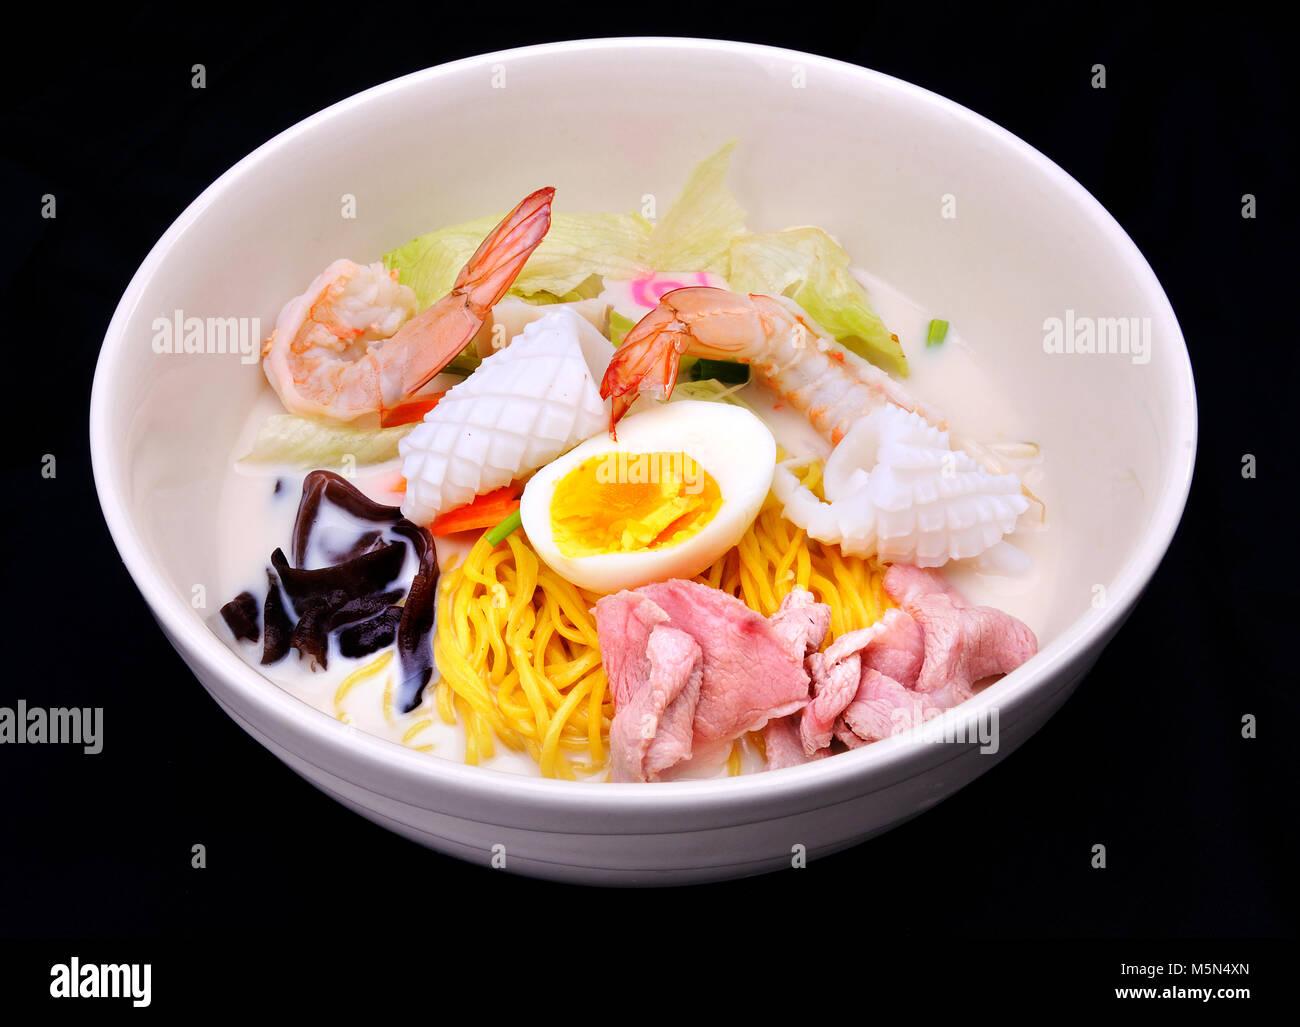 La nourriture japonaise mix style crevettes calmar porc d'EEG et d'autres Photo Stock